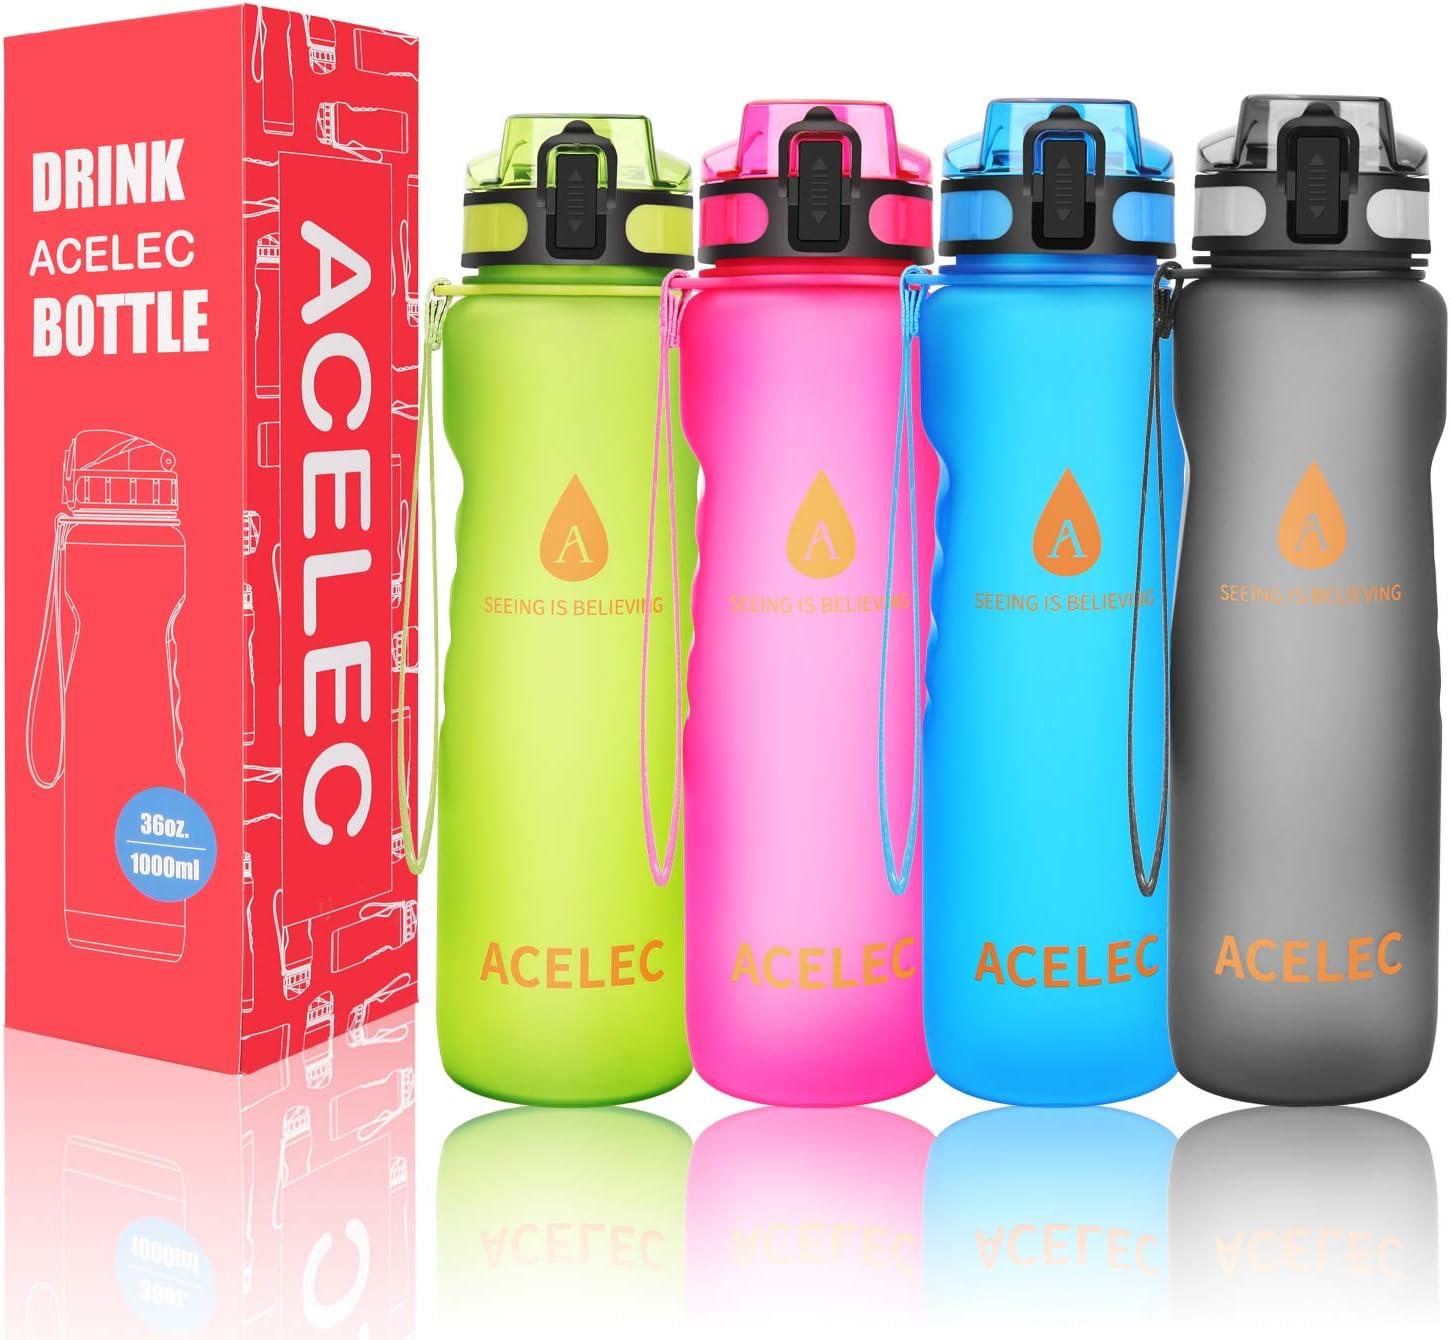 Auslaufsicher und Leichte Trinkflasche Outdoor und Kinder f/ür Arbeit Motivierende Zeitmarke Fitness Unterwegs Kohlens/äure geeignet Sport BPA-freie Tritan Flasche Aquachic Wasserflasche 1L